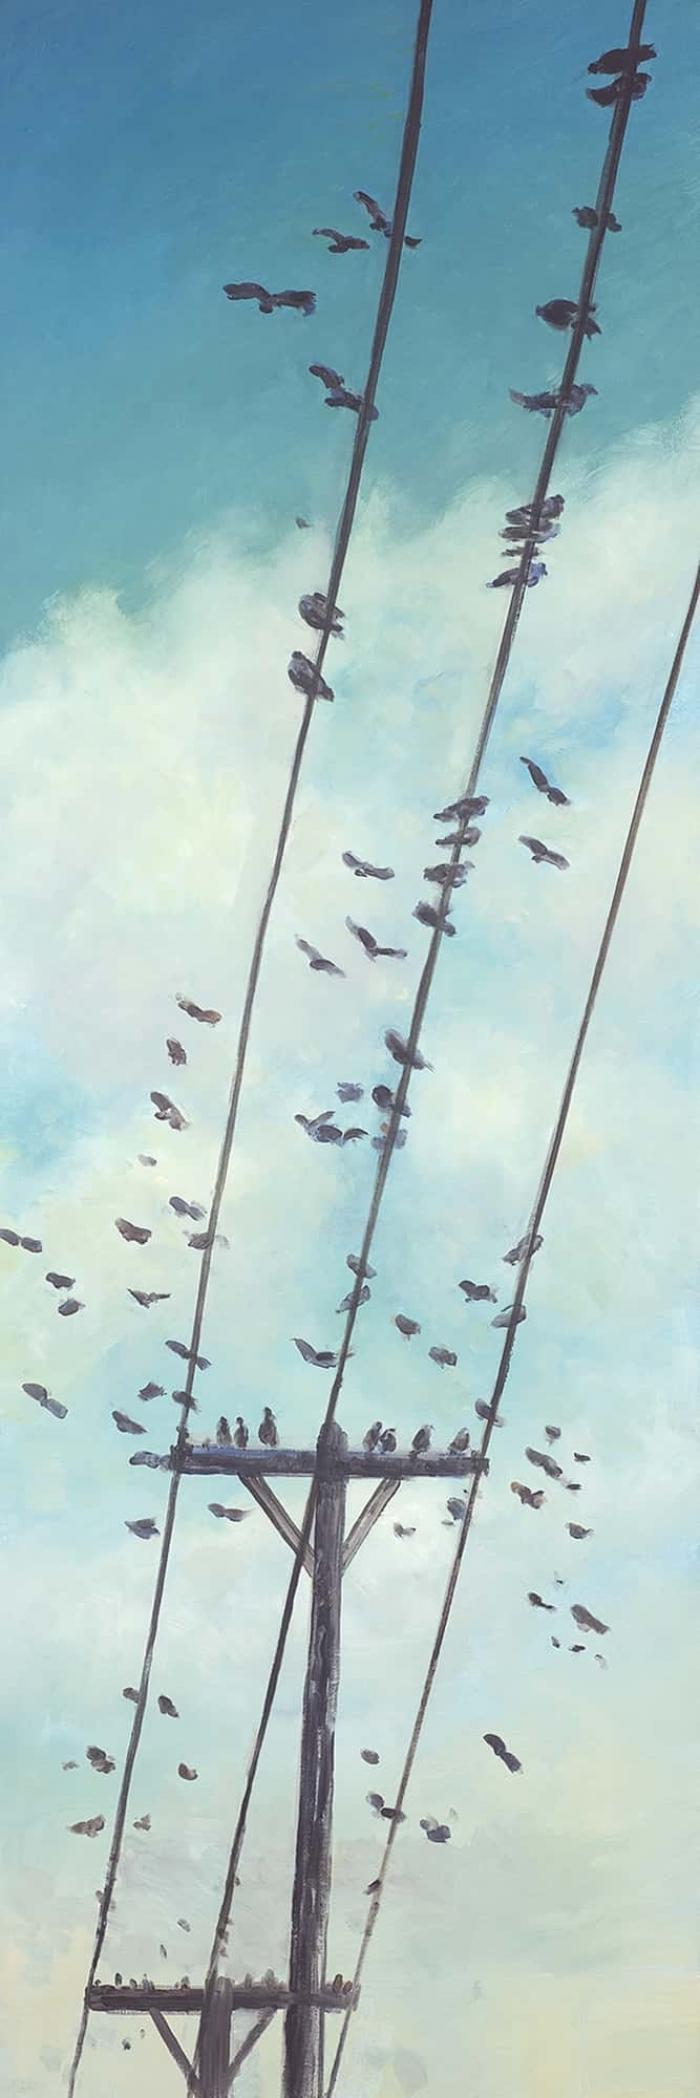 Oiseaux sur fil électrique